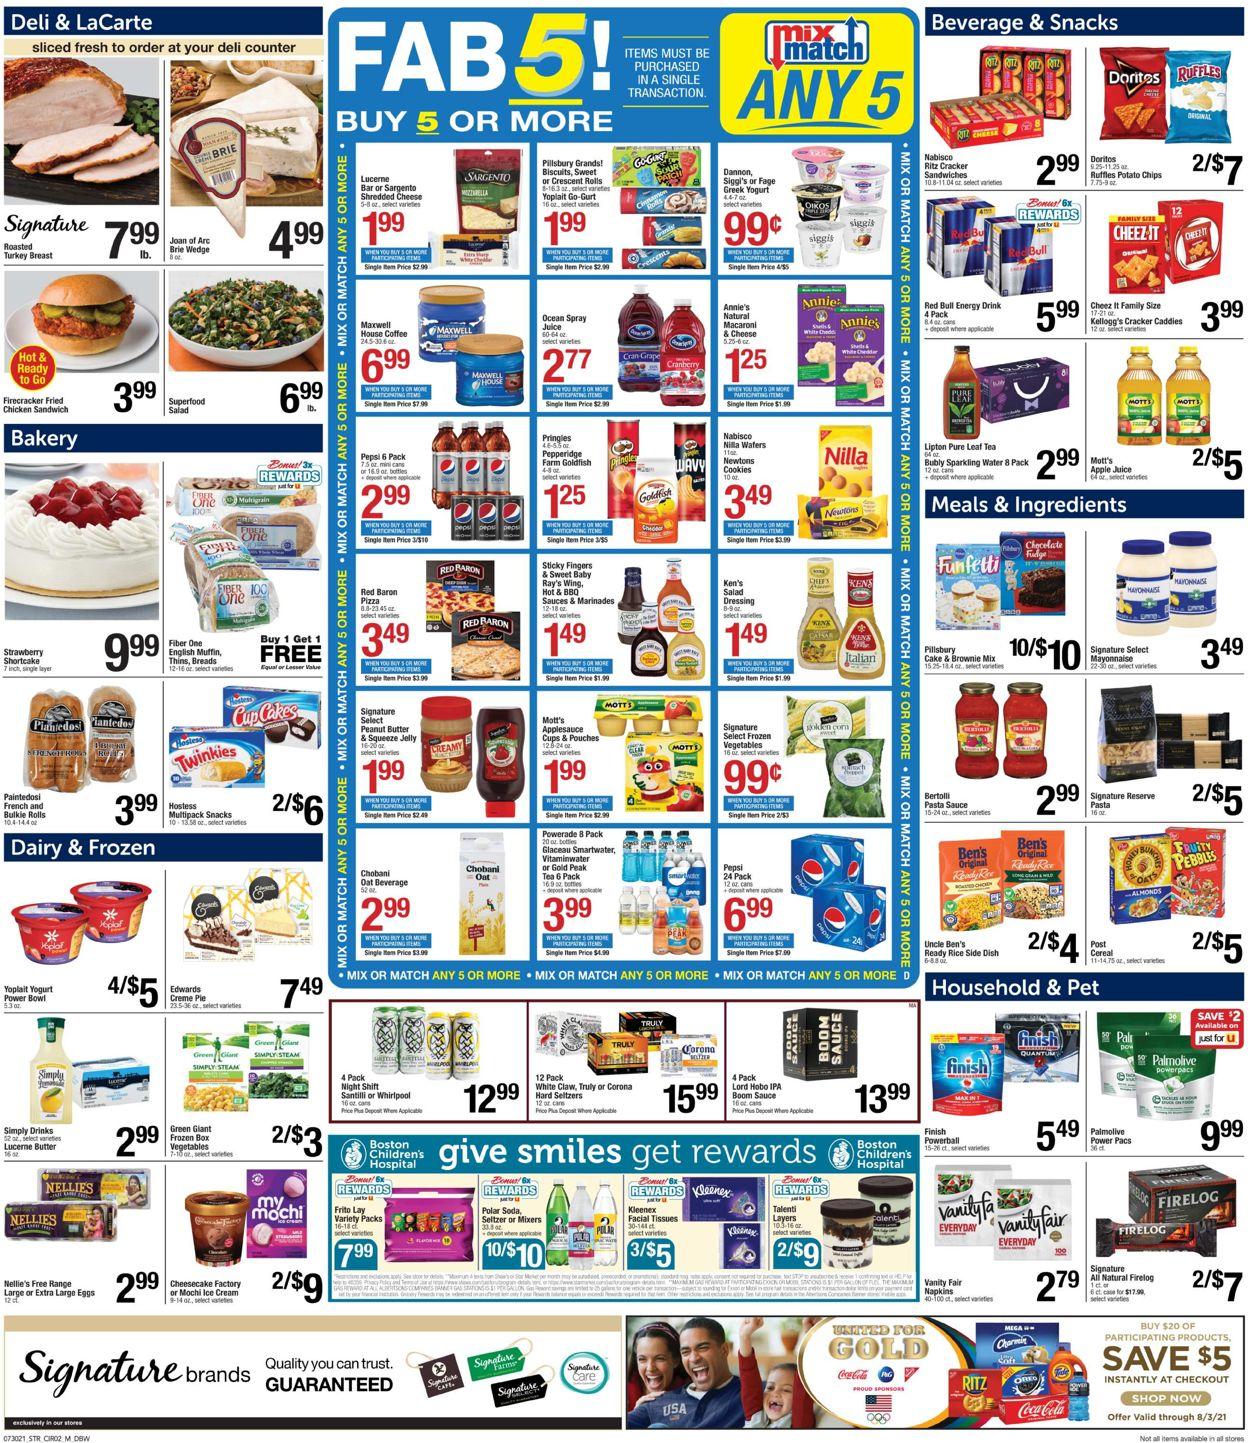 Star Market Weekly Ad Circular - valid 07/30-08/05/2021 (Page 3)